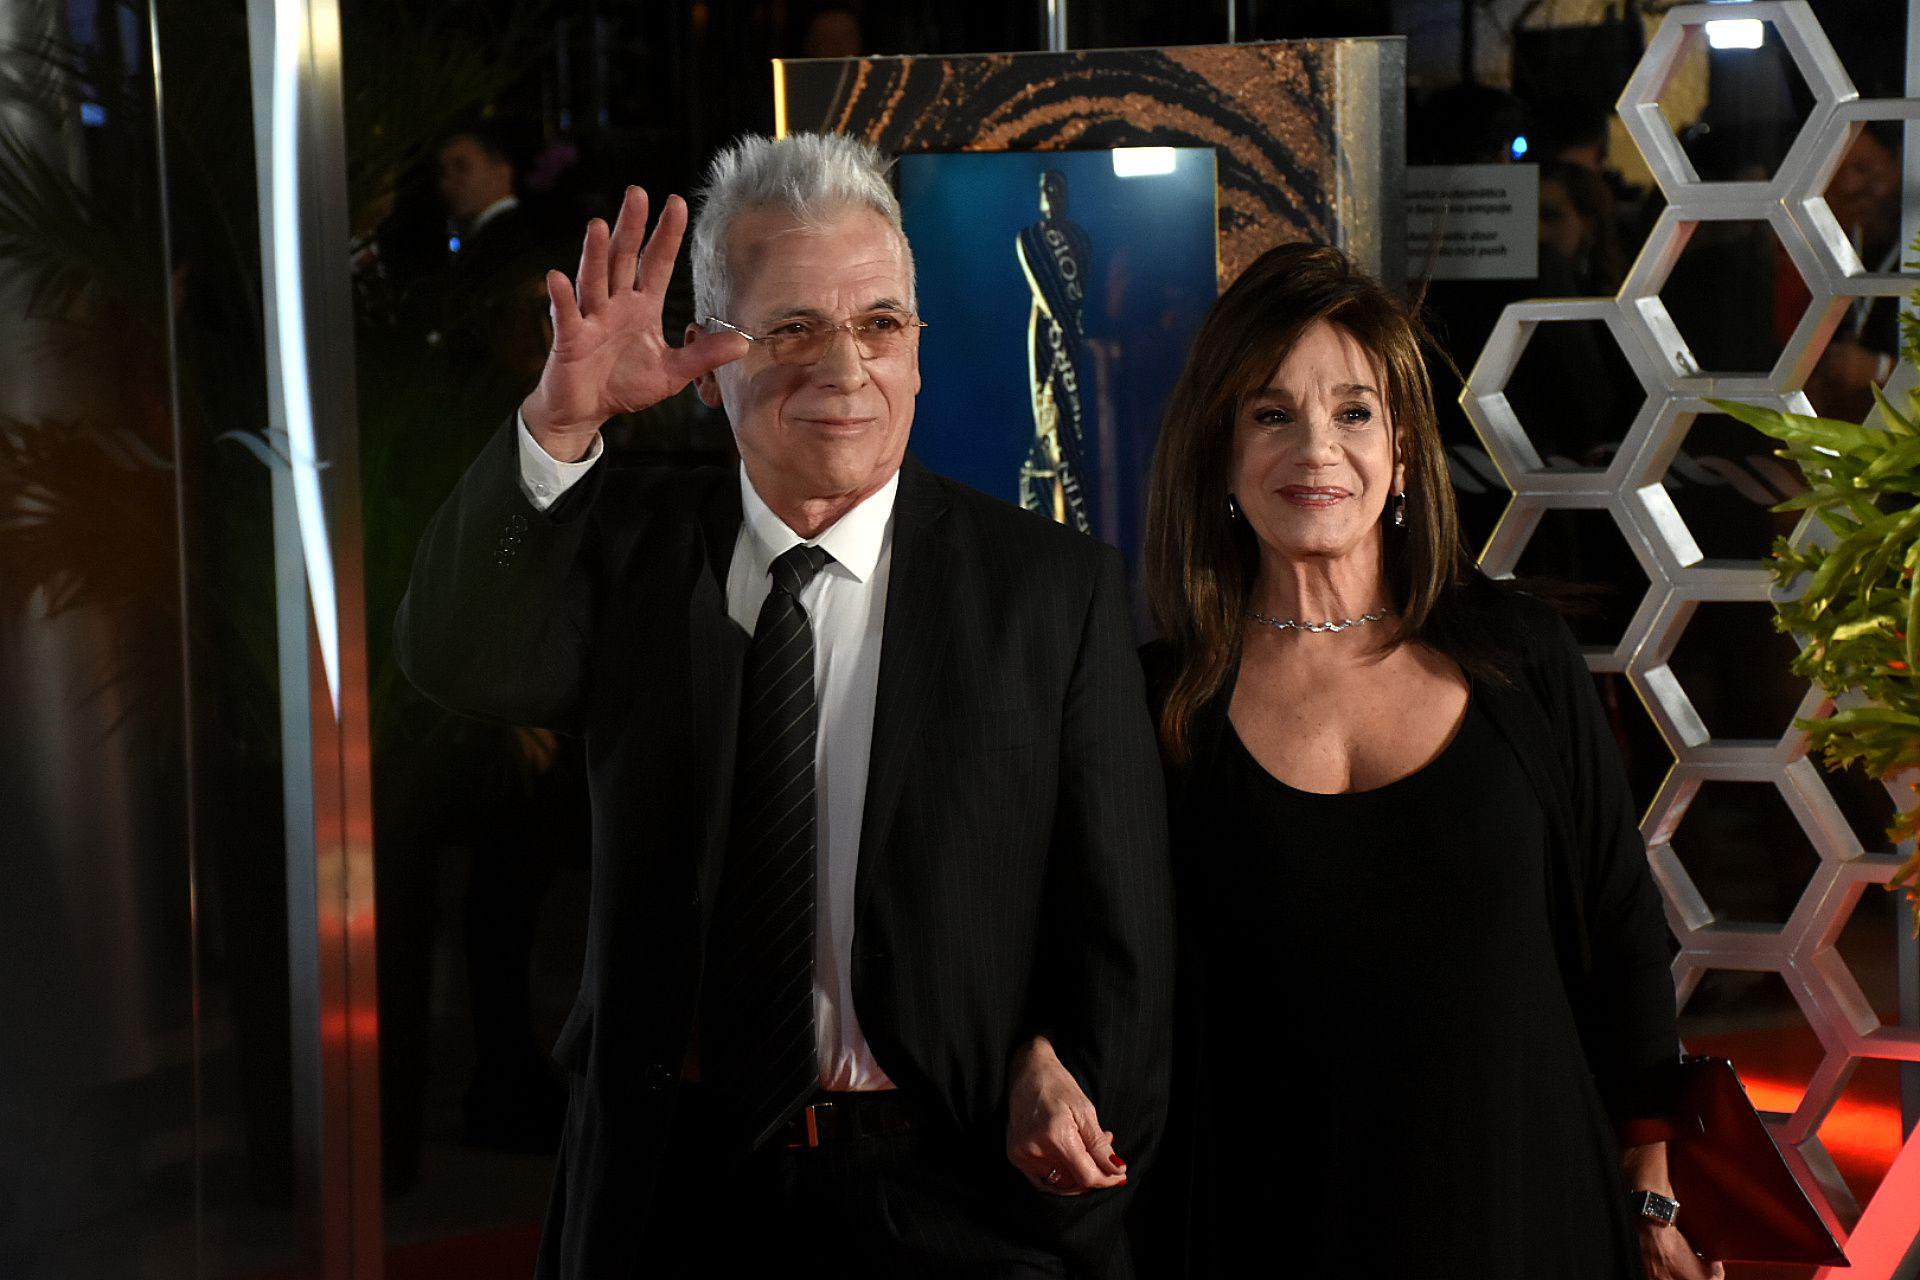 Gerardo Romano con un traje clásico en negro, camisa blanca y corbata rayada y Ana María Piccio con un total look black. Completó el look con mini pendientes y gargantilla de plata